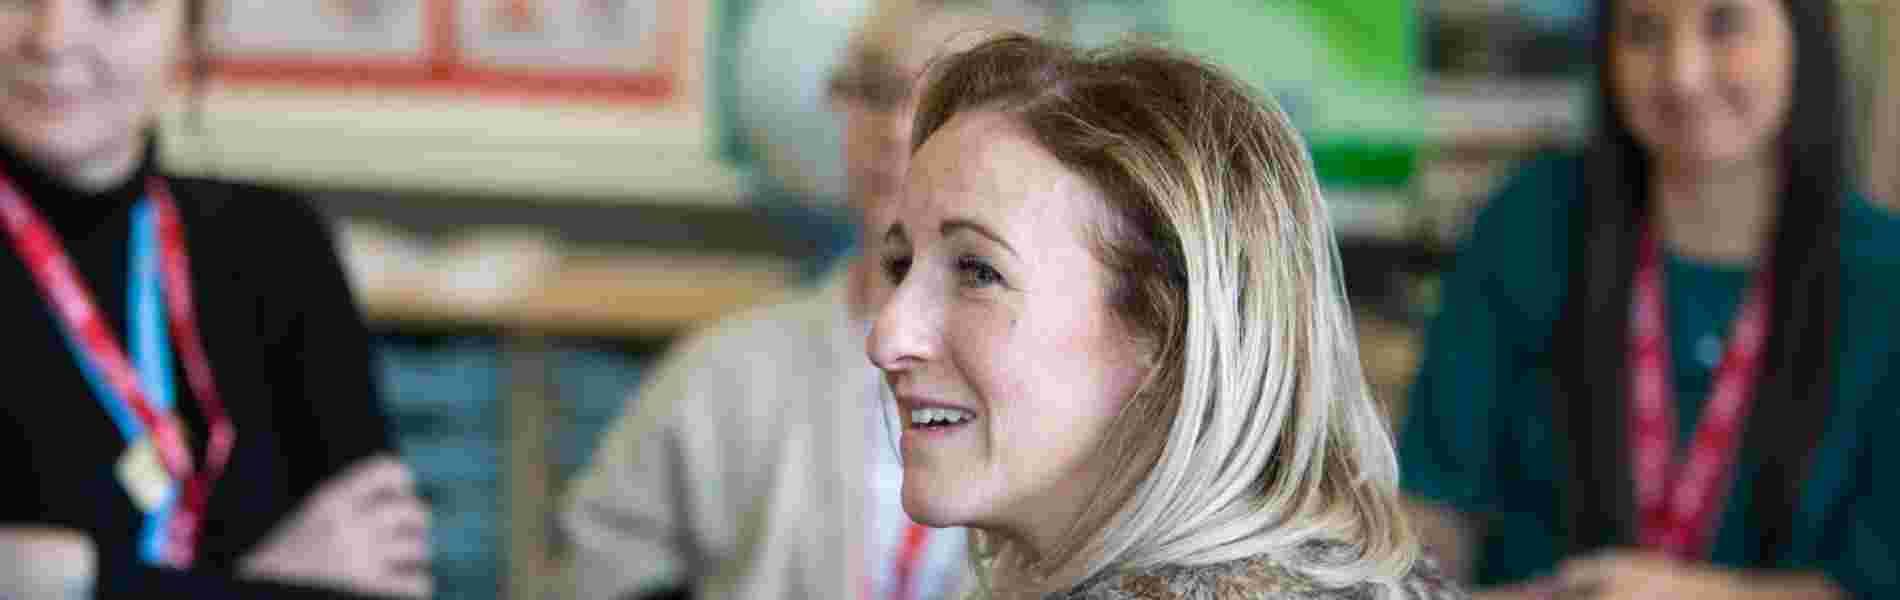 Moorside Teaching School Alliance